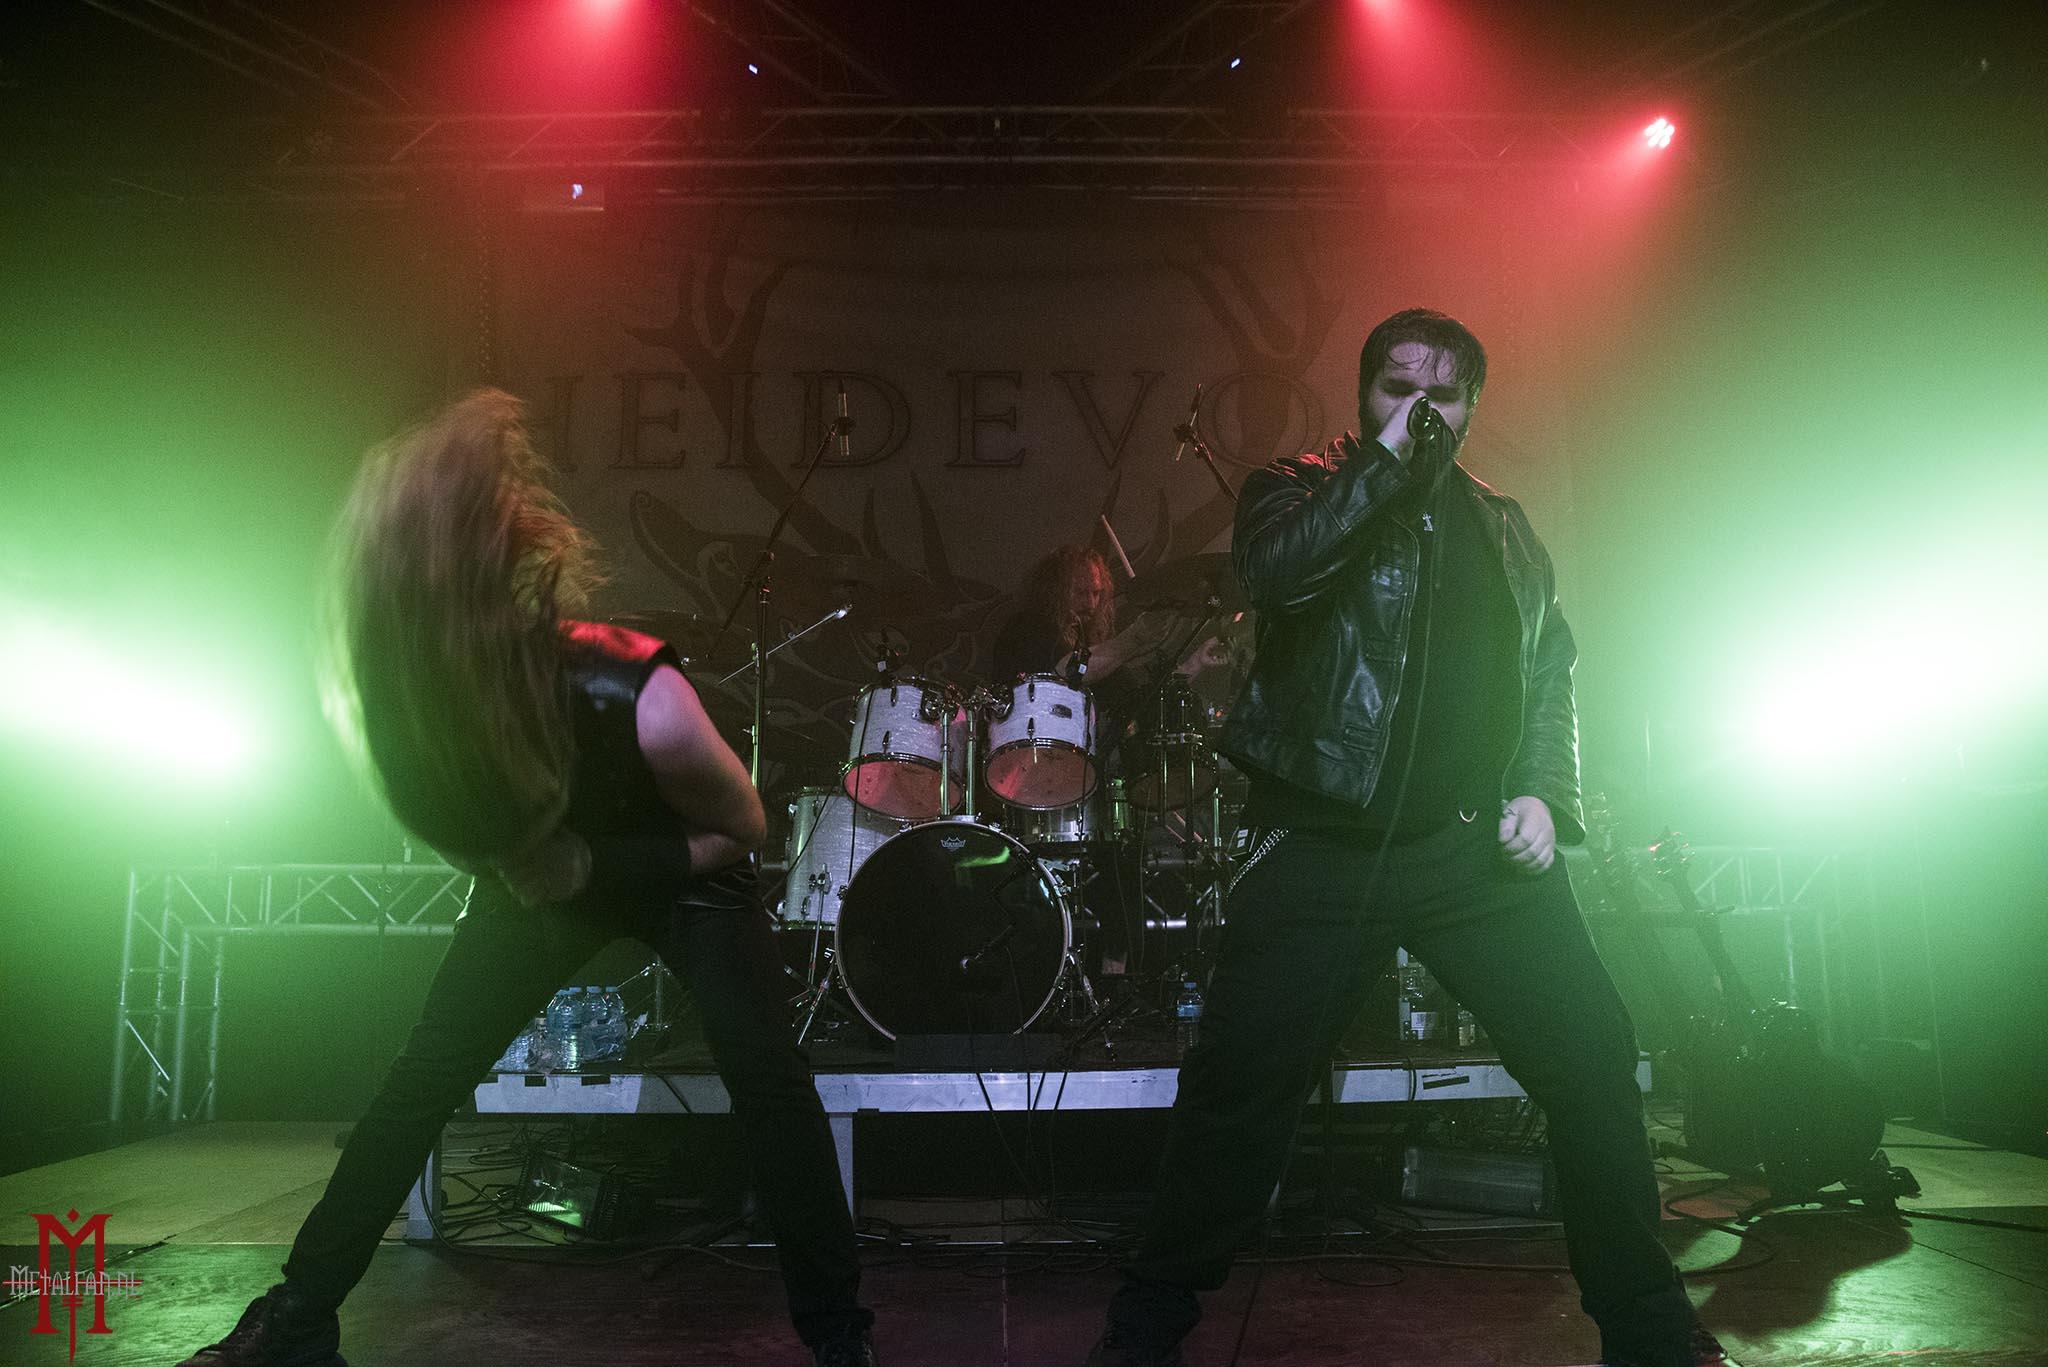 Heidevolk @ Bruut Metalfeest 5, 10-12-2016